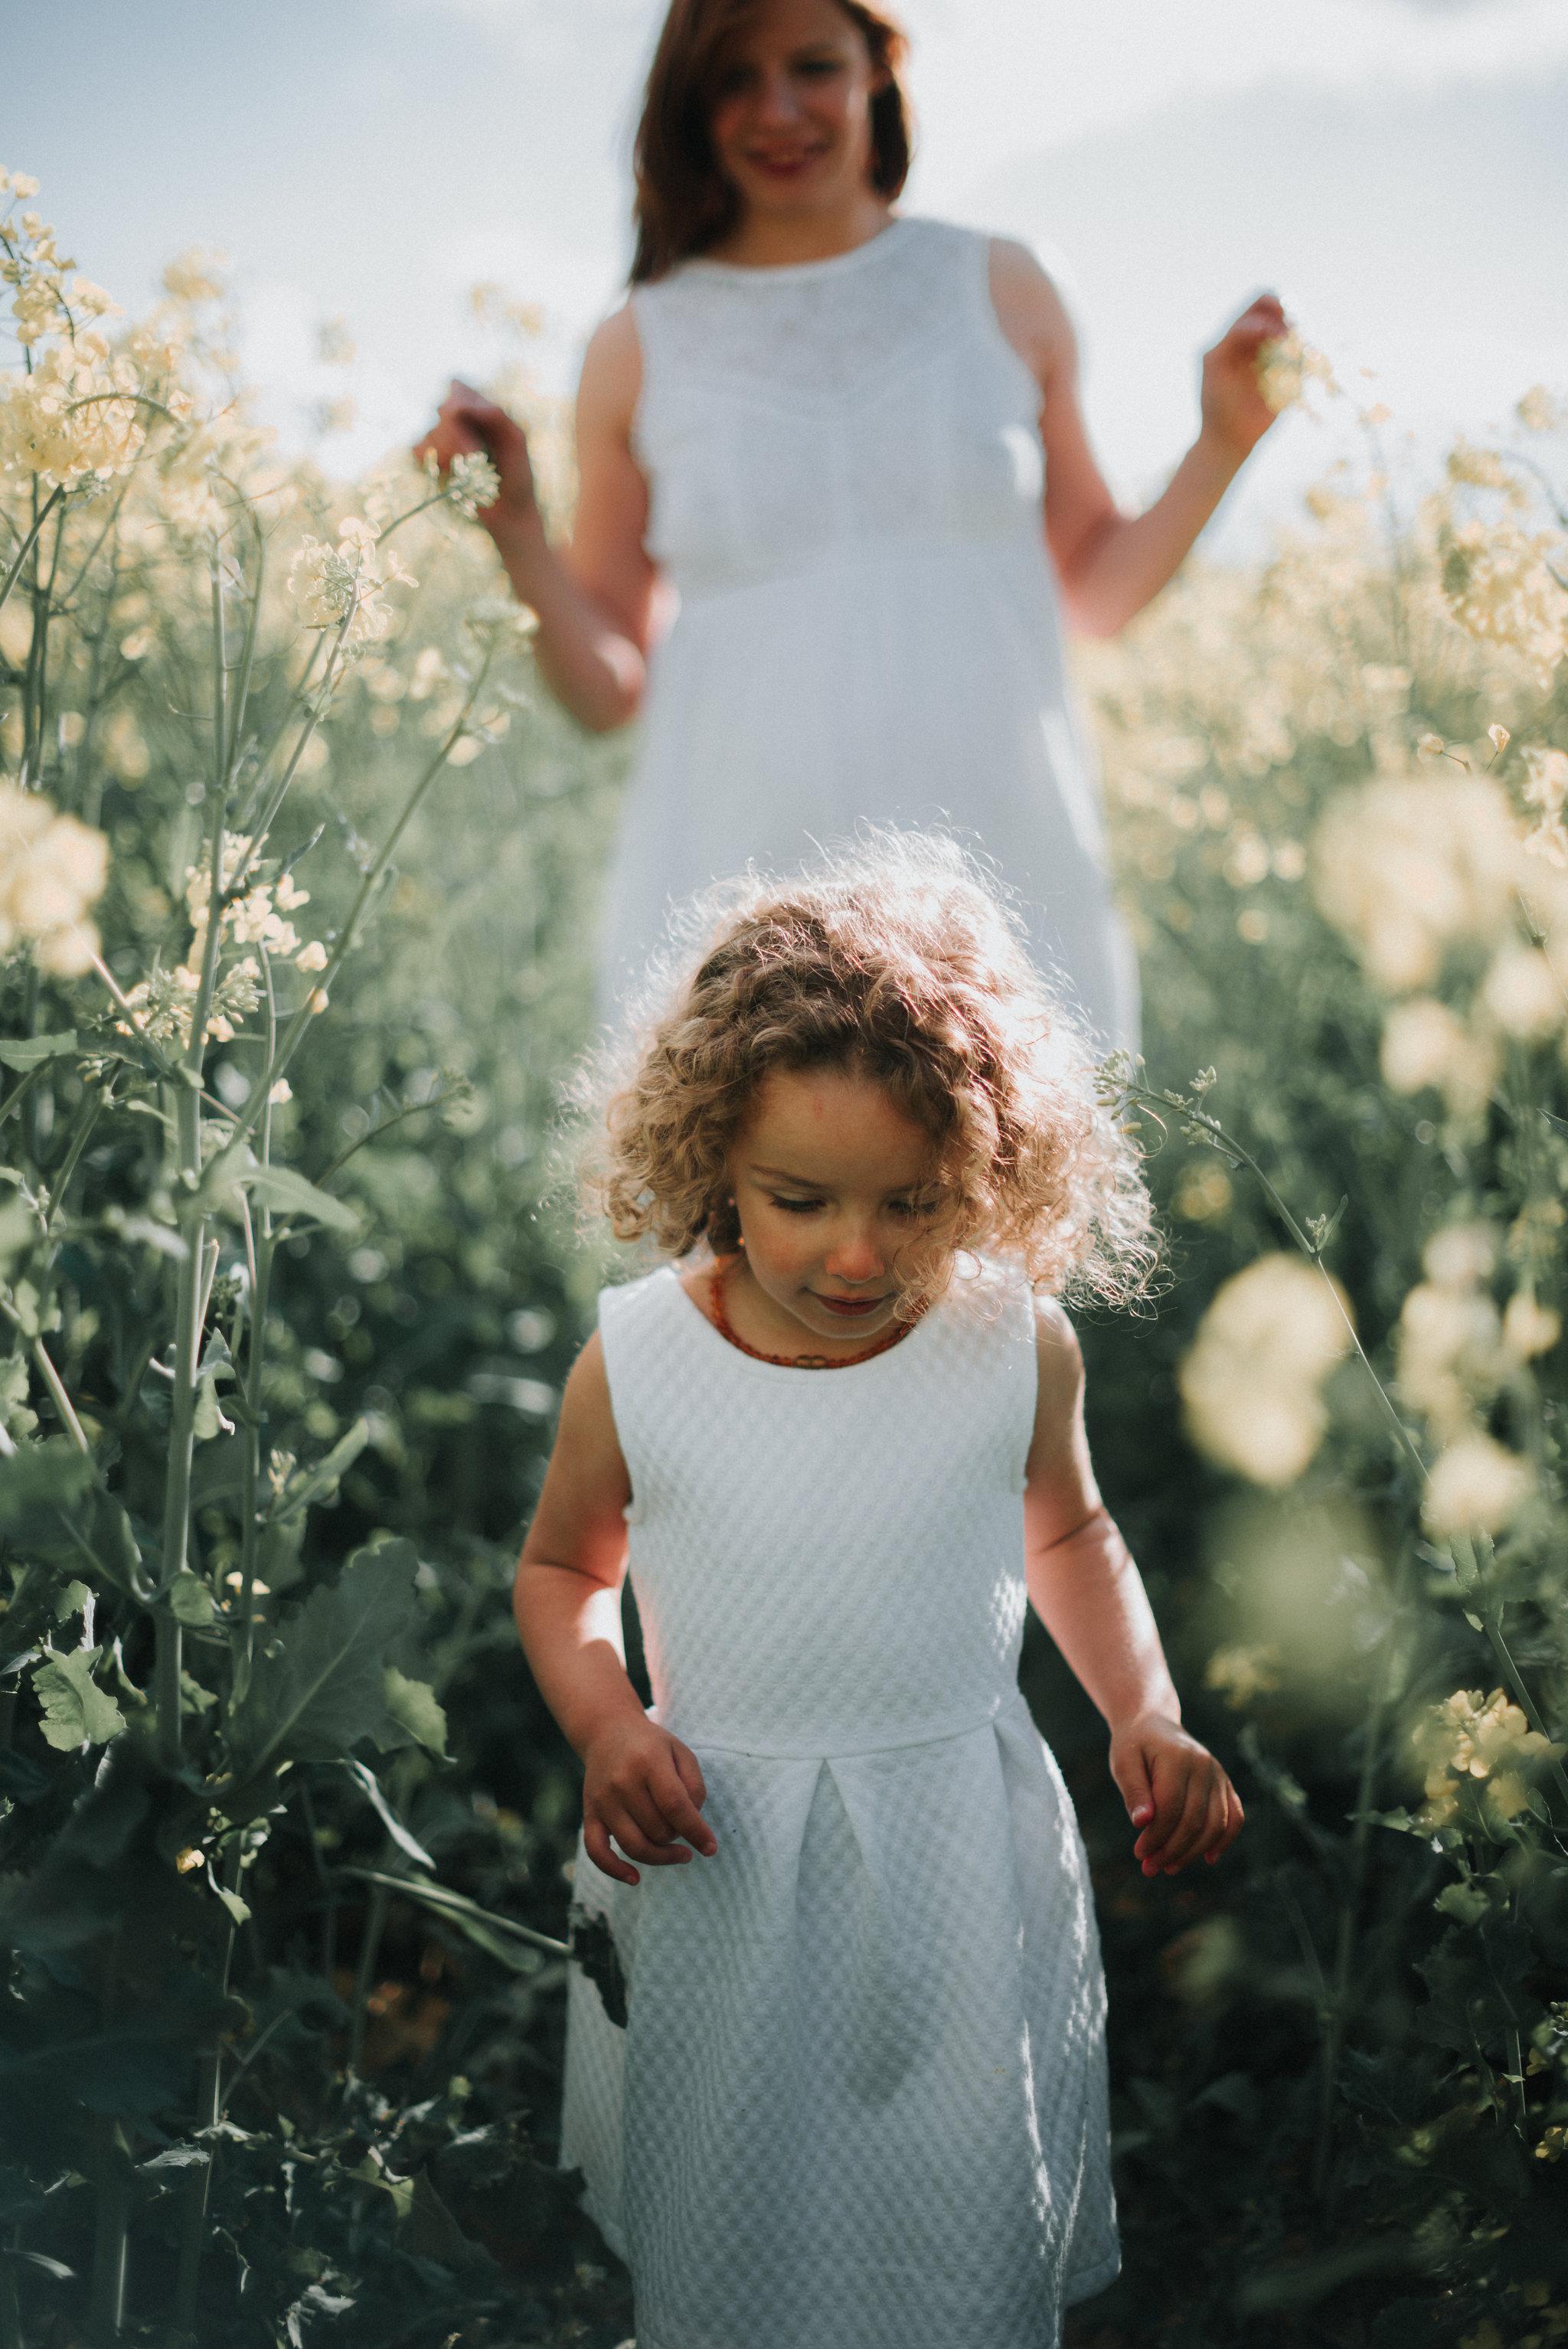 Léa-Fery-photographe-professionnel-lyon-rhone-alpes-portrait-creation-mariage-evenement-evenementiel-famille-8370.jpg